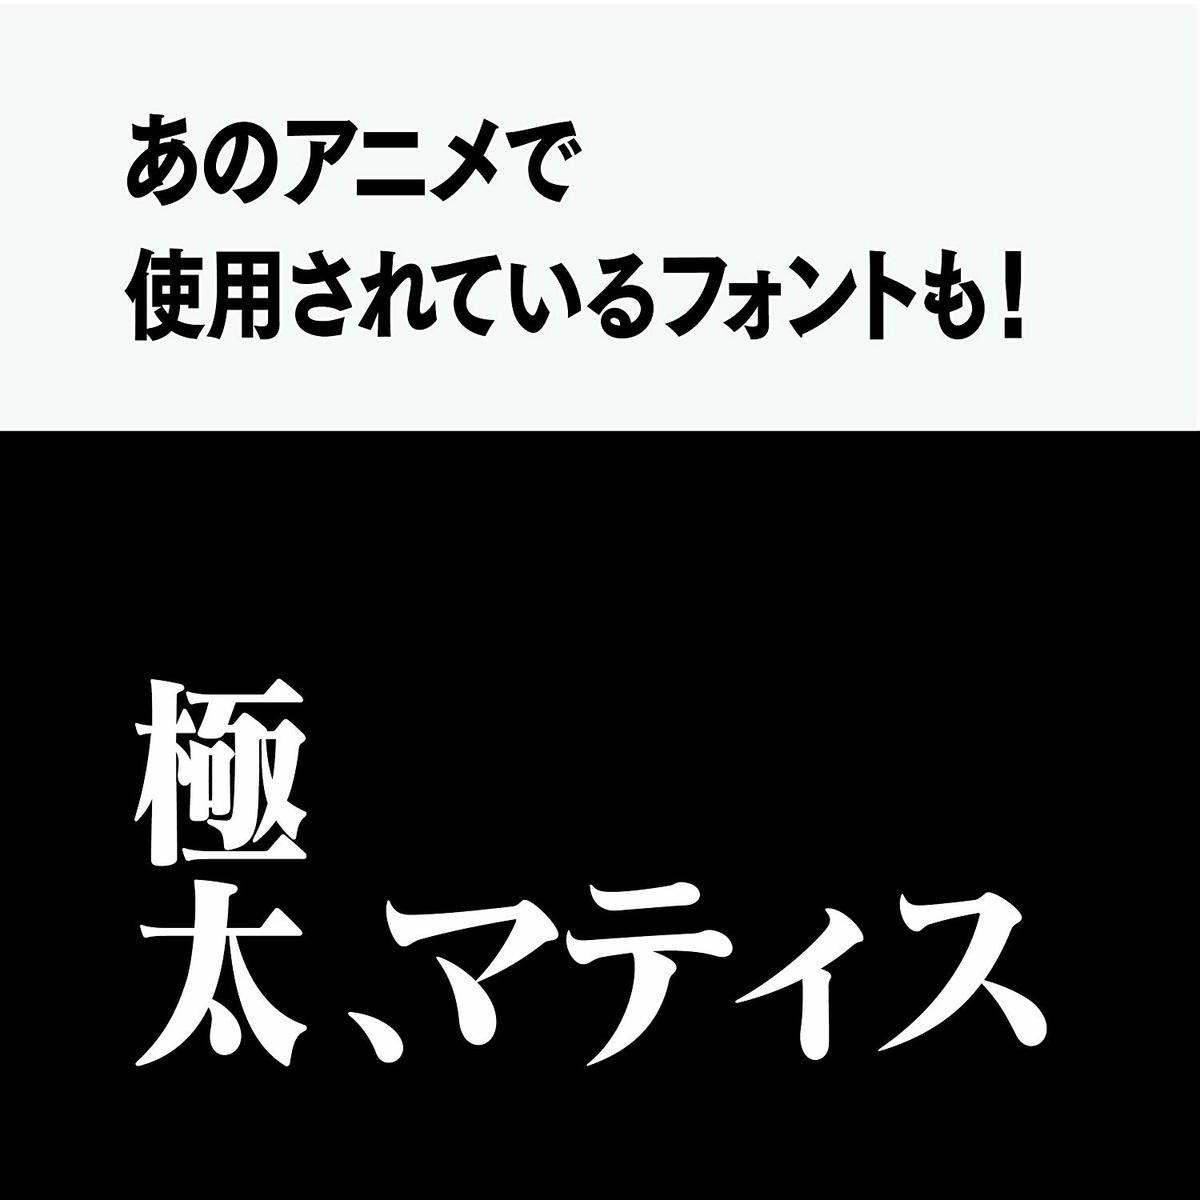 f:id:mojiru:20190329083851j:plain